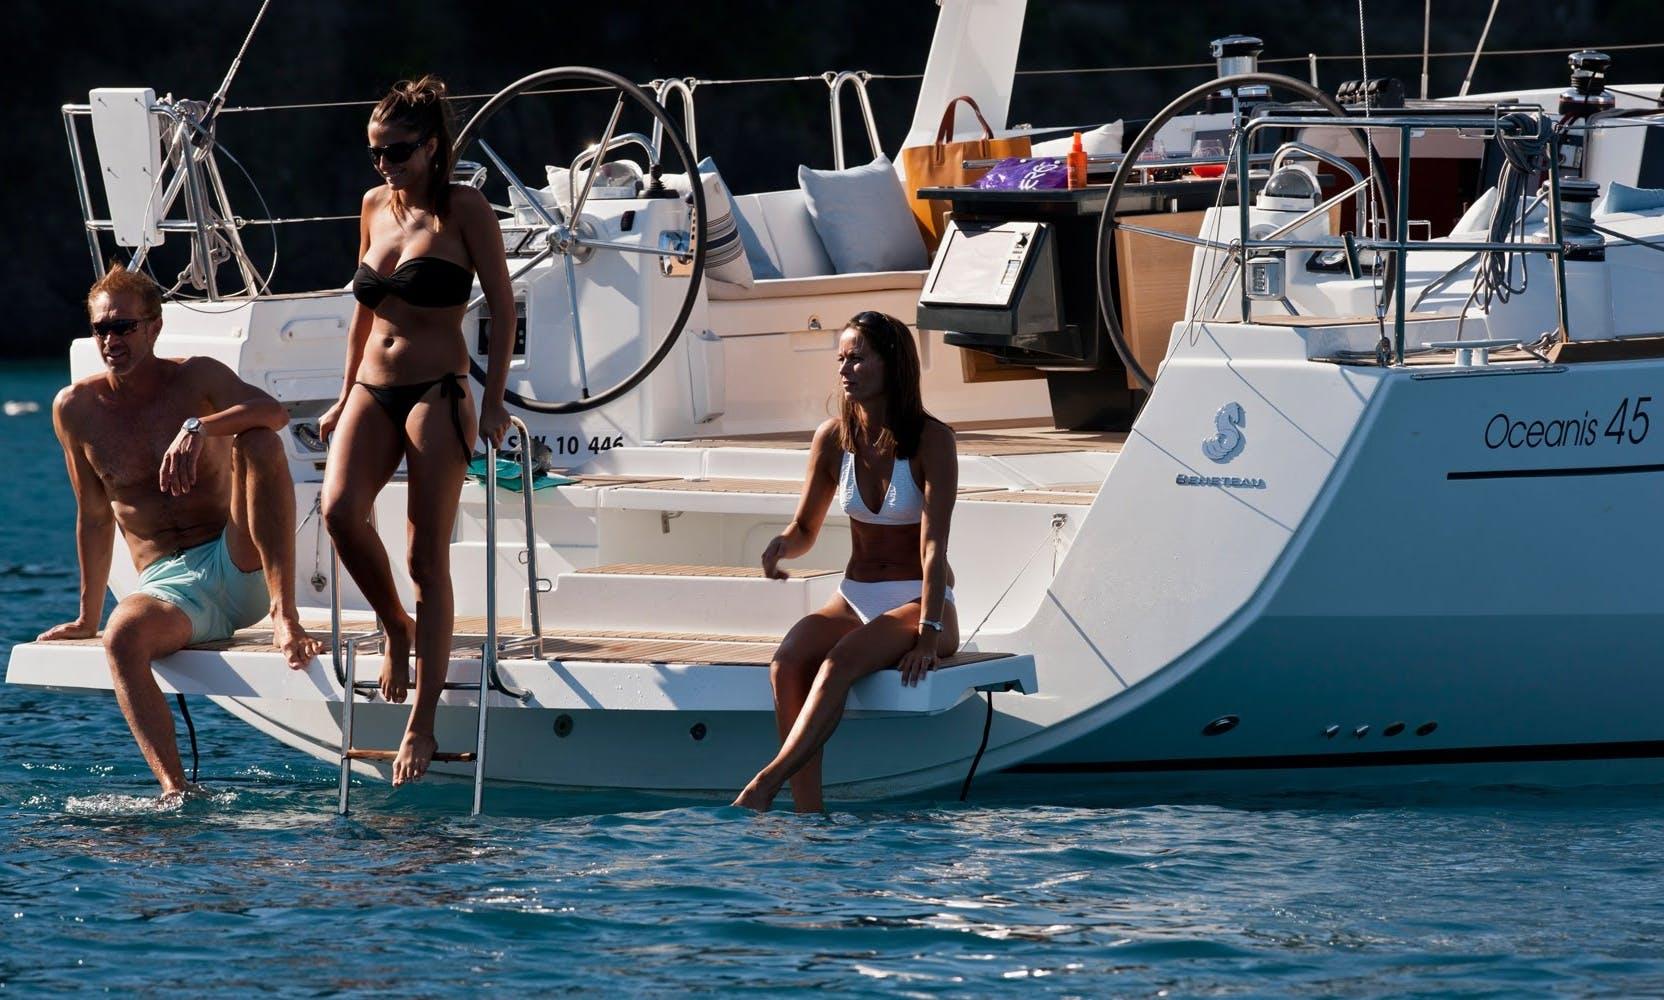 """Cruising Oceanis 45 Sailing Boat """"Ocean King"""""""